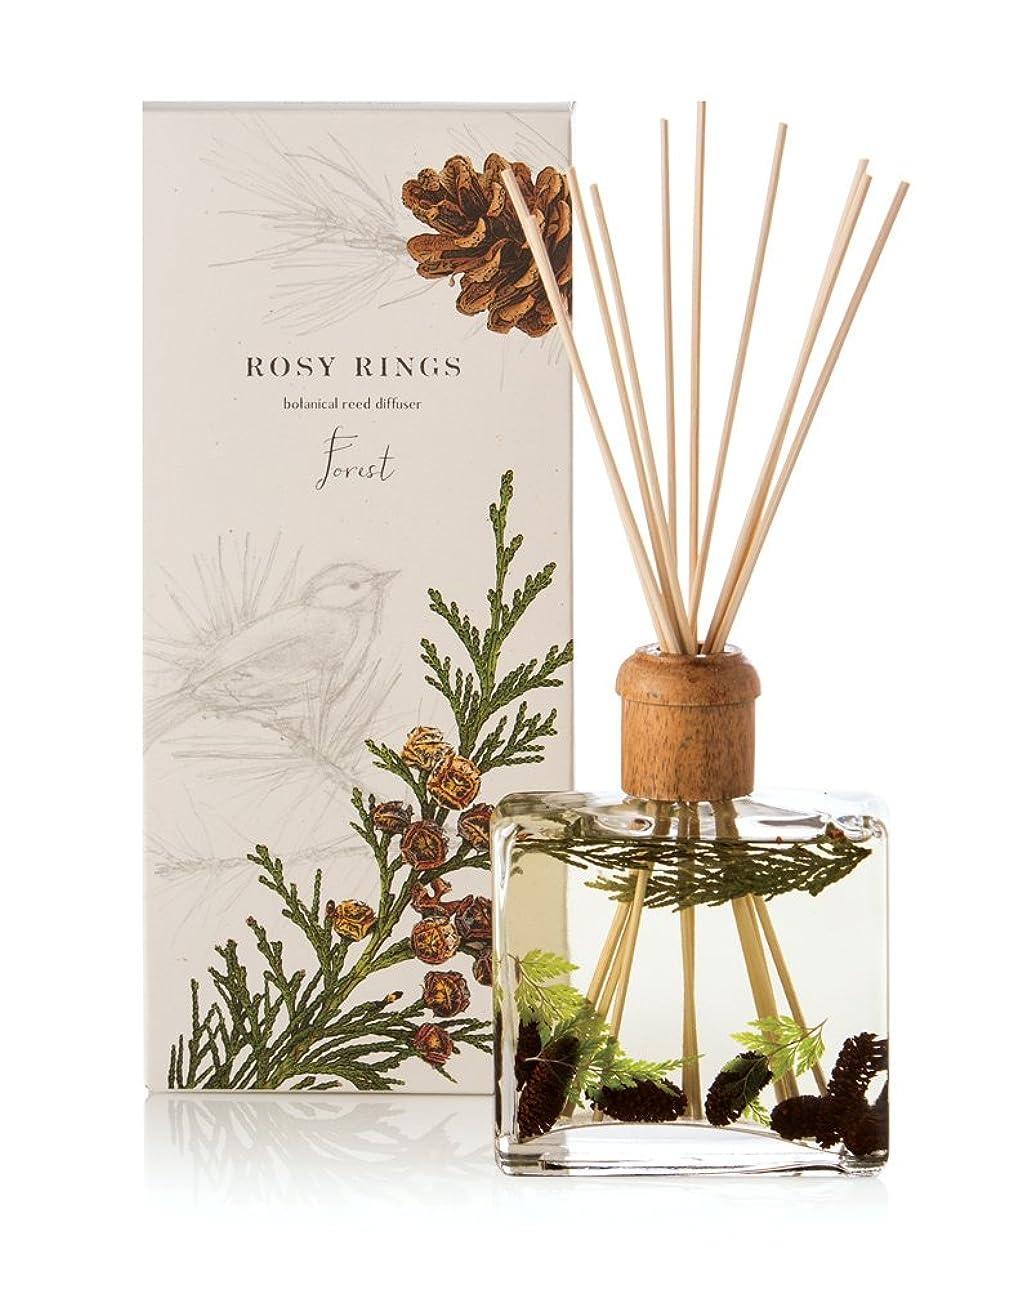 噴火生きる階ロージーリングス ボタニカルリードディフューザー フォレスト ROSY RINGS Signature Collection Botanical Reed Diffuser – Forest